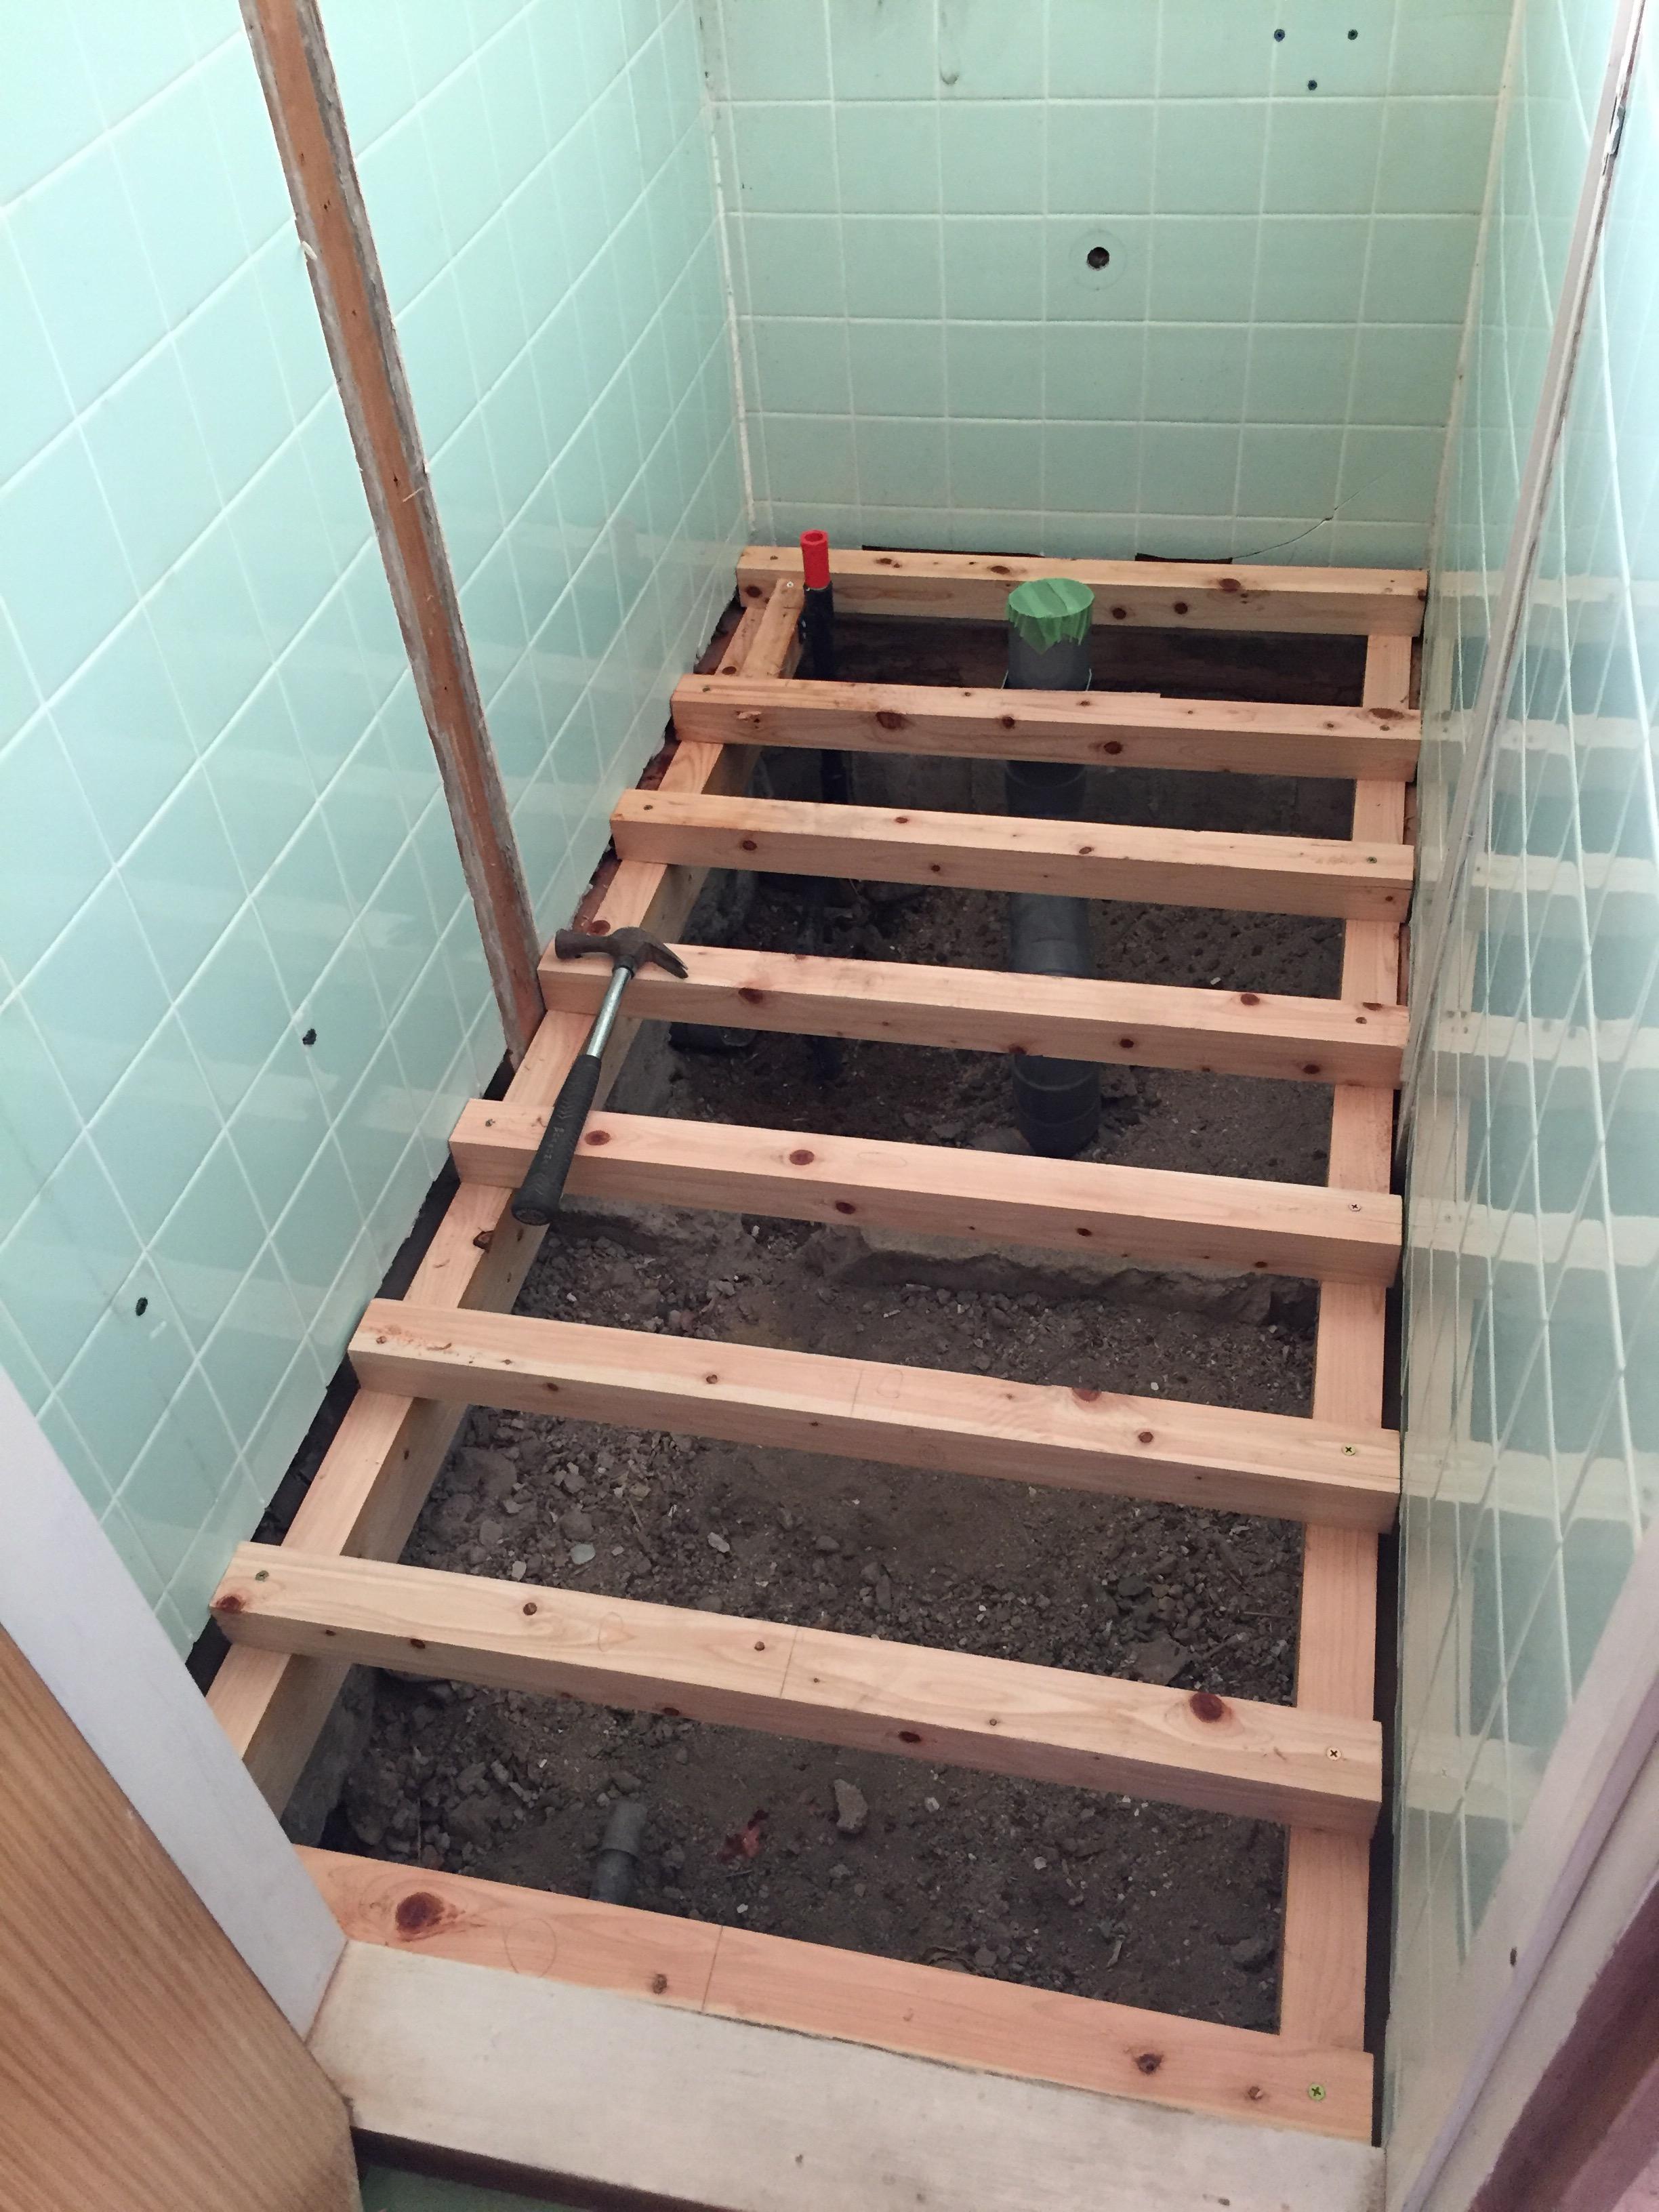 西条市 和式トイレから洋式ウォシュレットトイレにリフォーム 施工中3